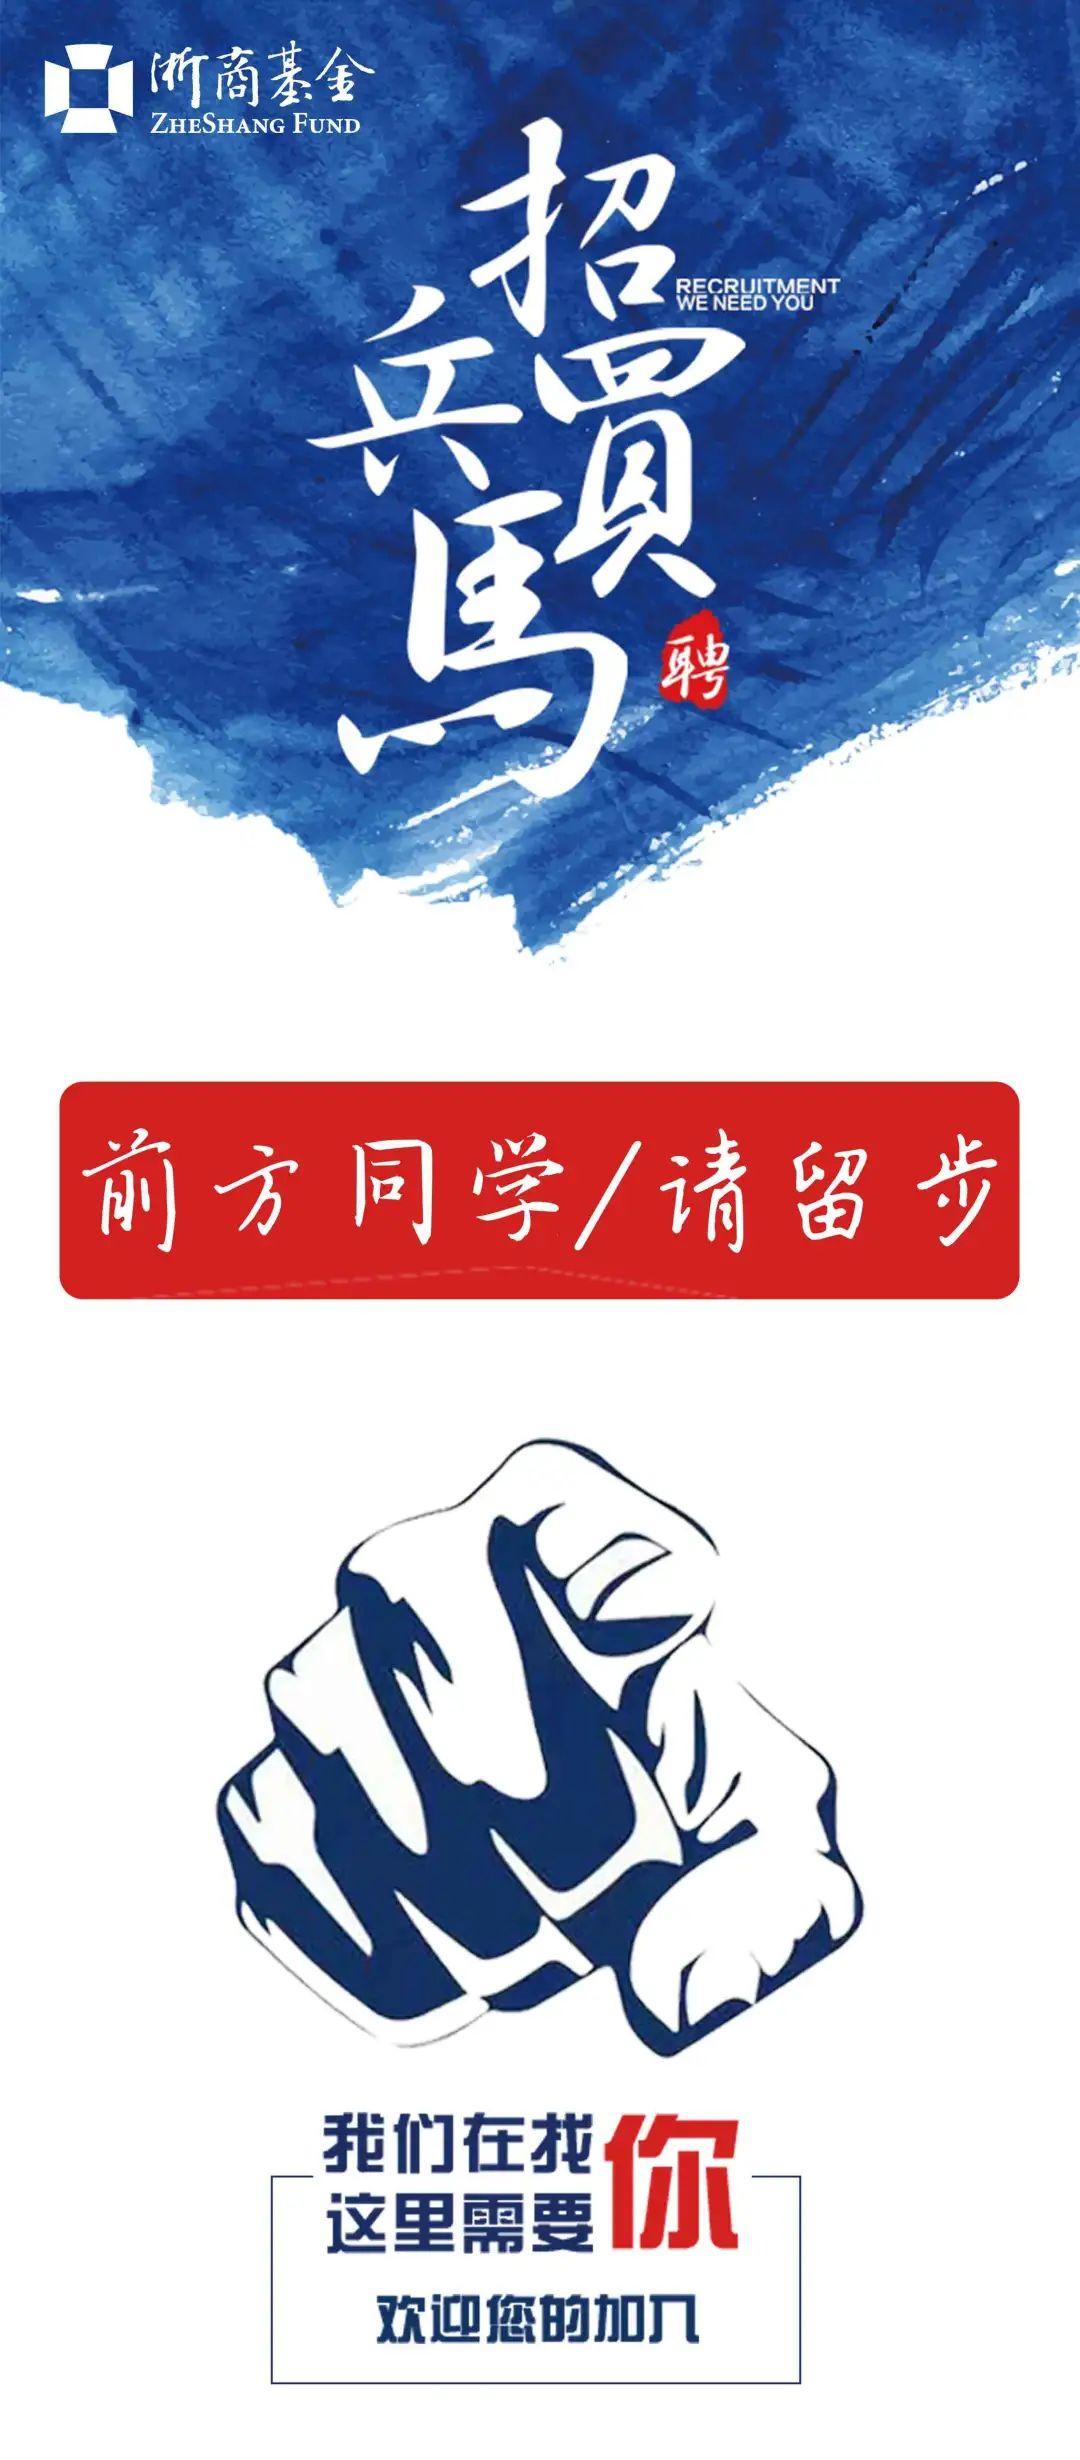 【以梦为马 • 点亮韶华】同学们,准备好了吗?浙商基金期待你的加入!